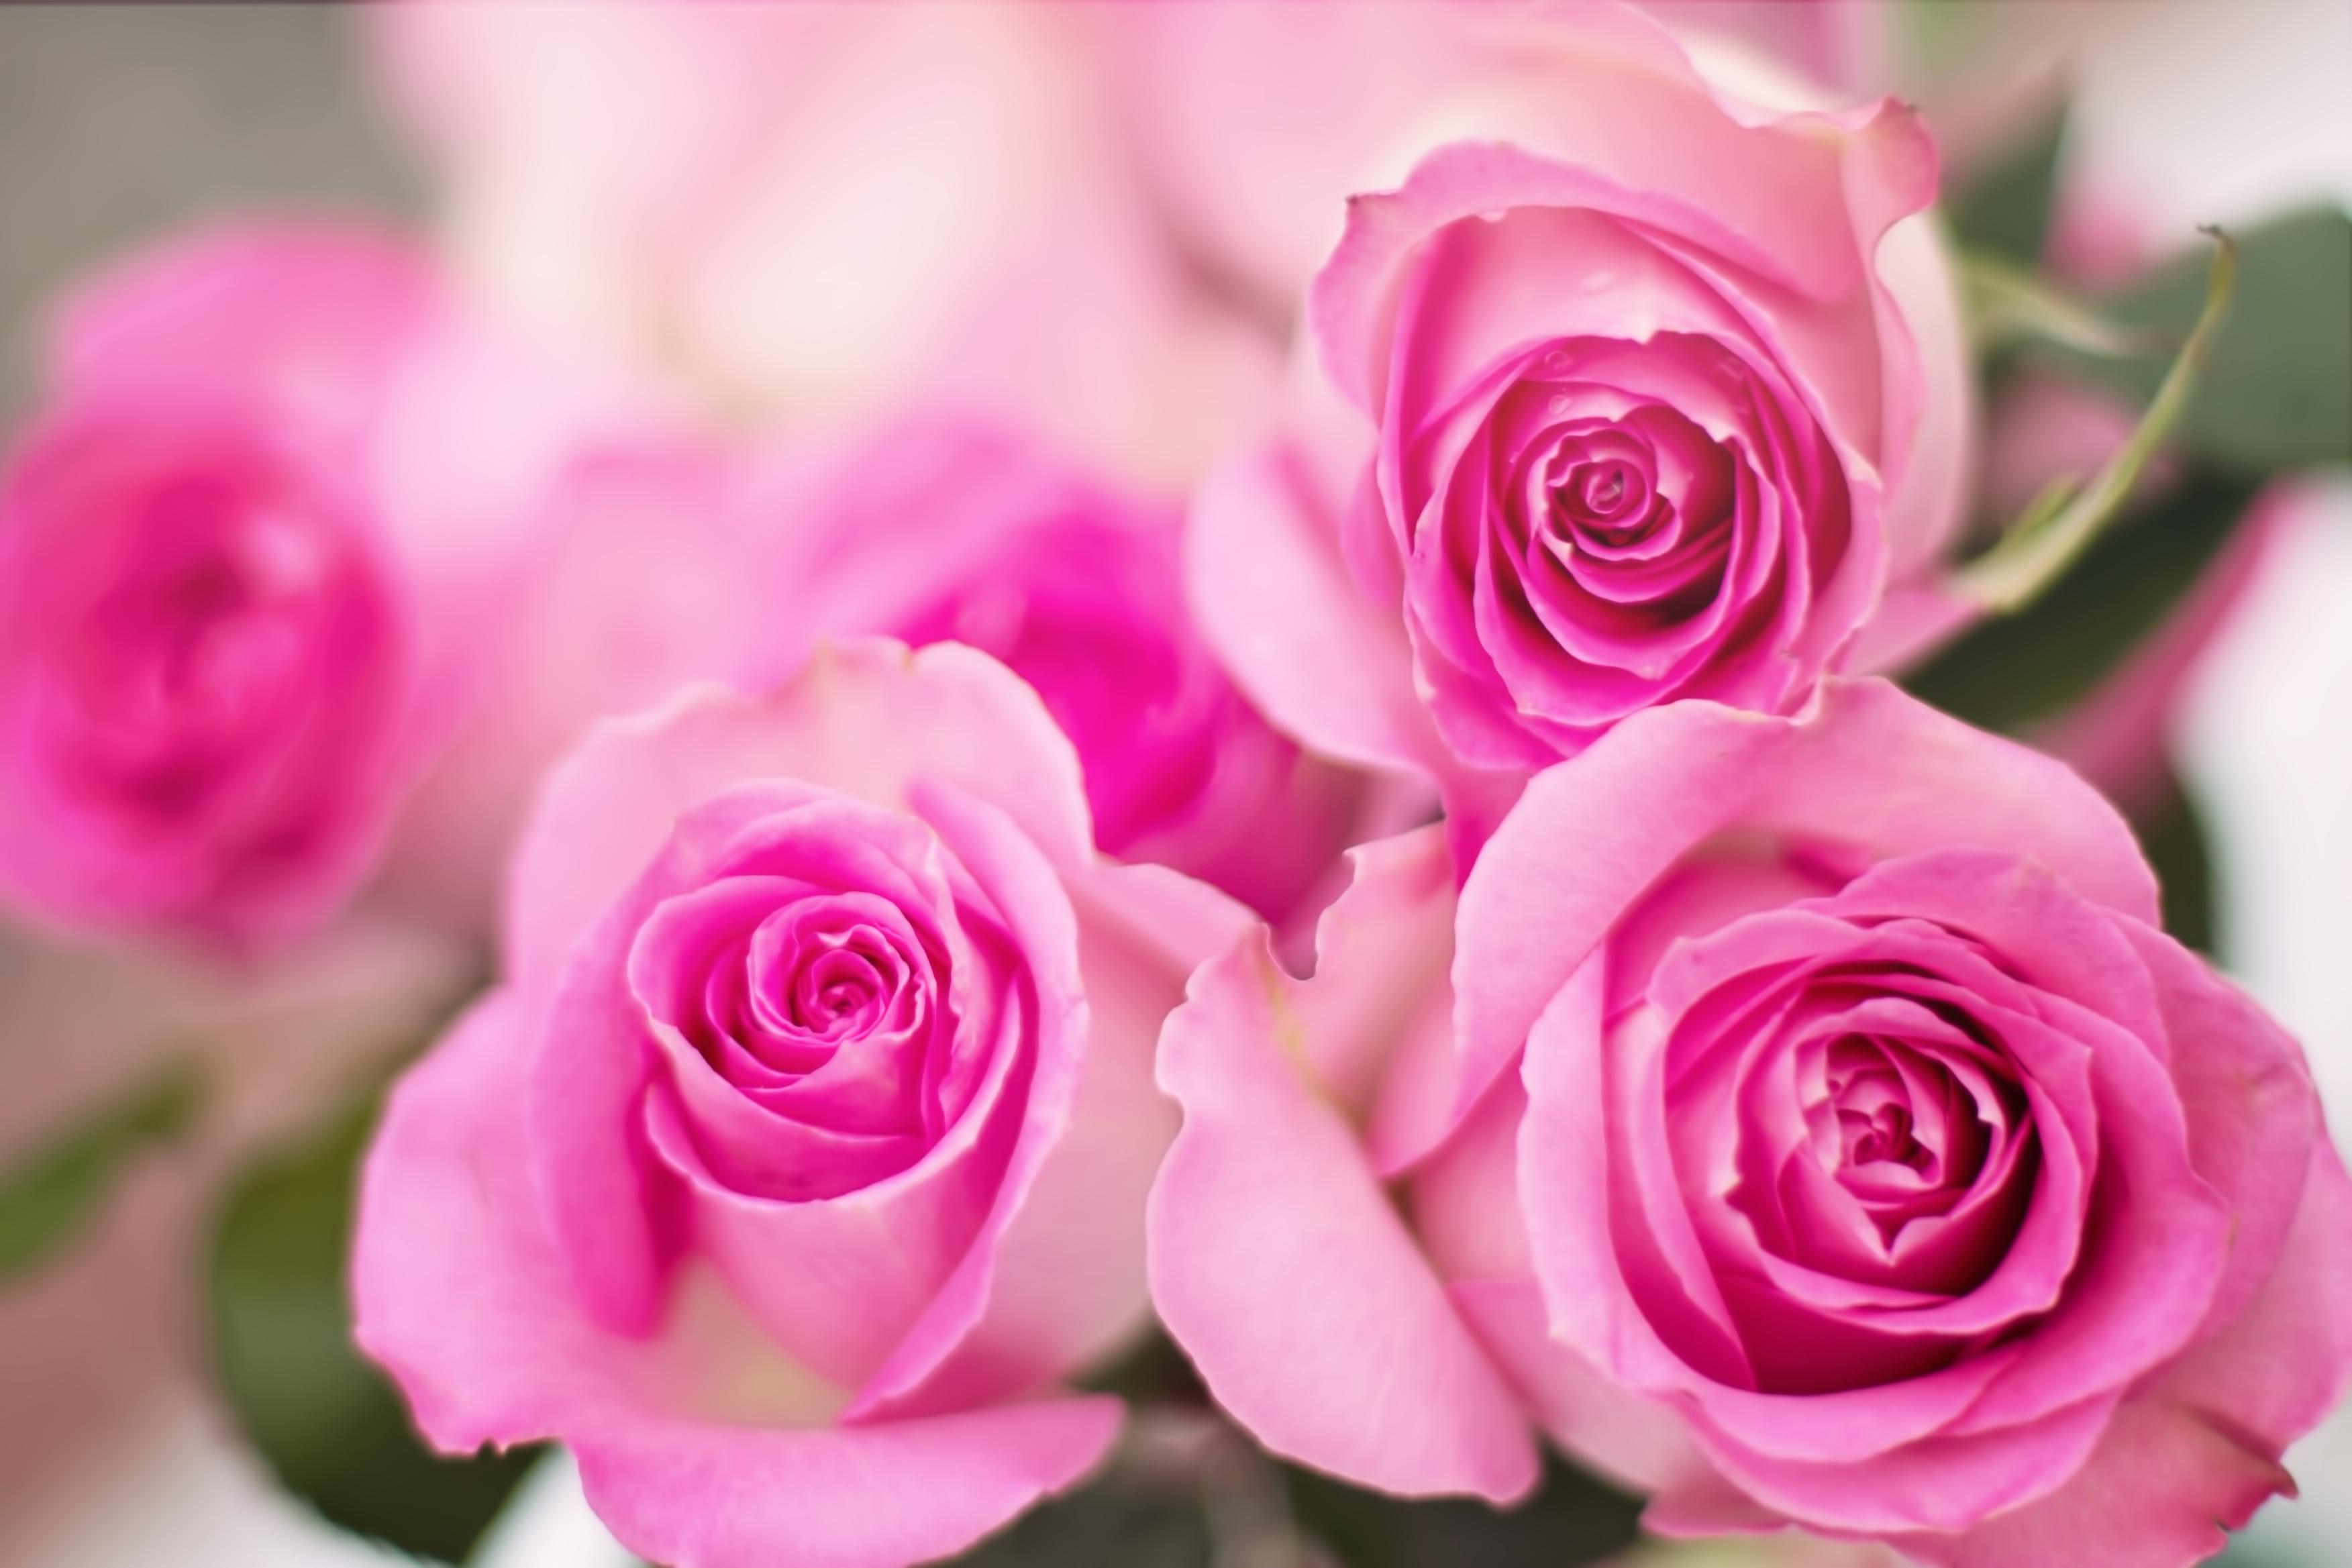 Pinke Rosen - Zeichen der Selbstliebe Florence Zumbihl